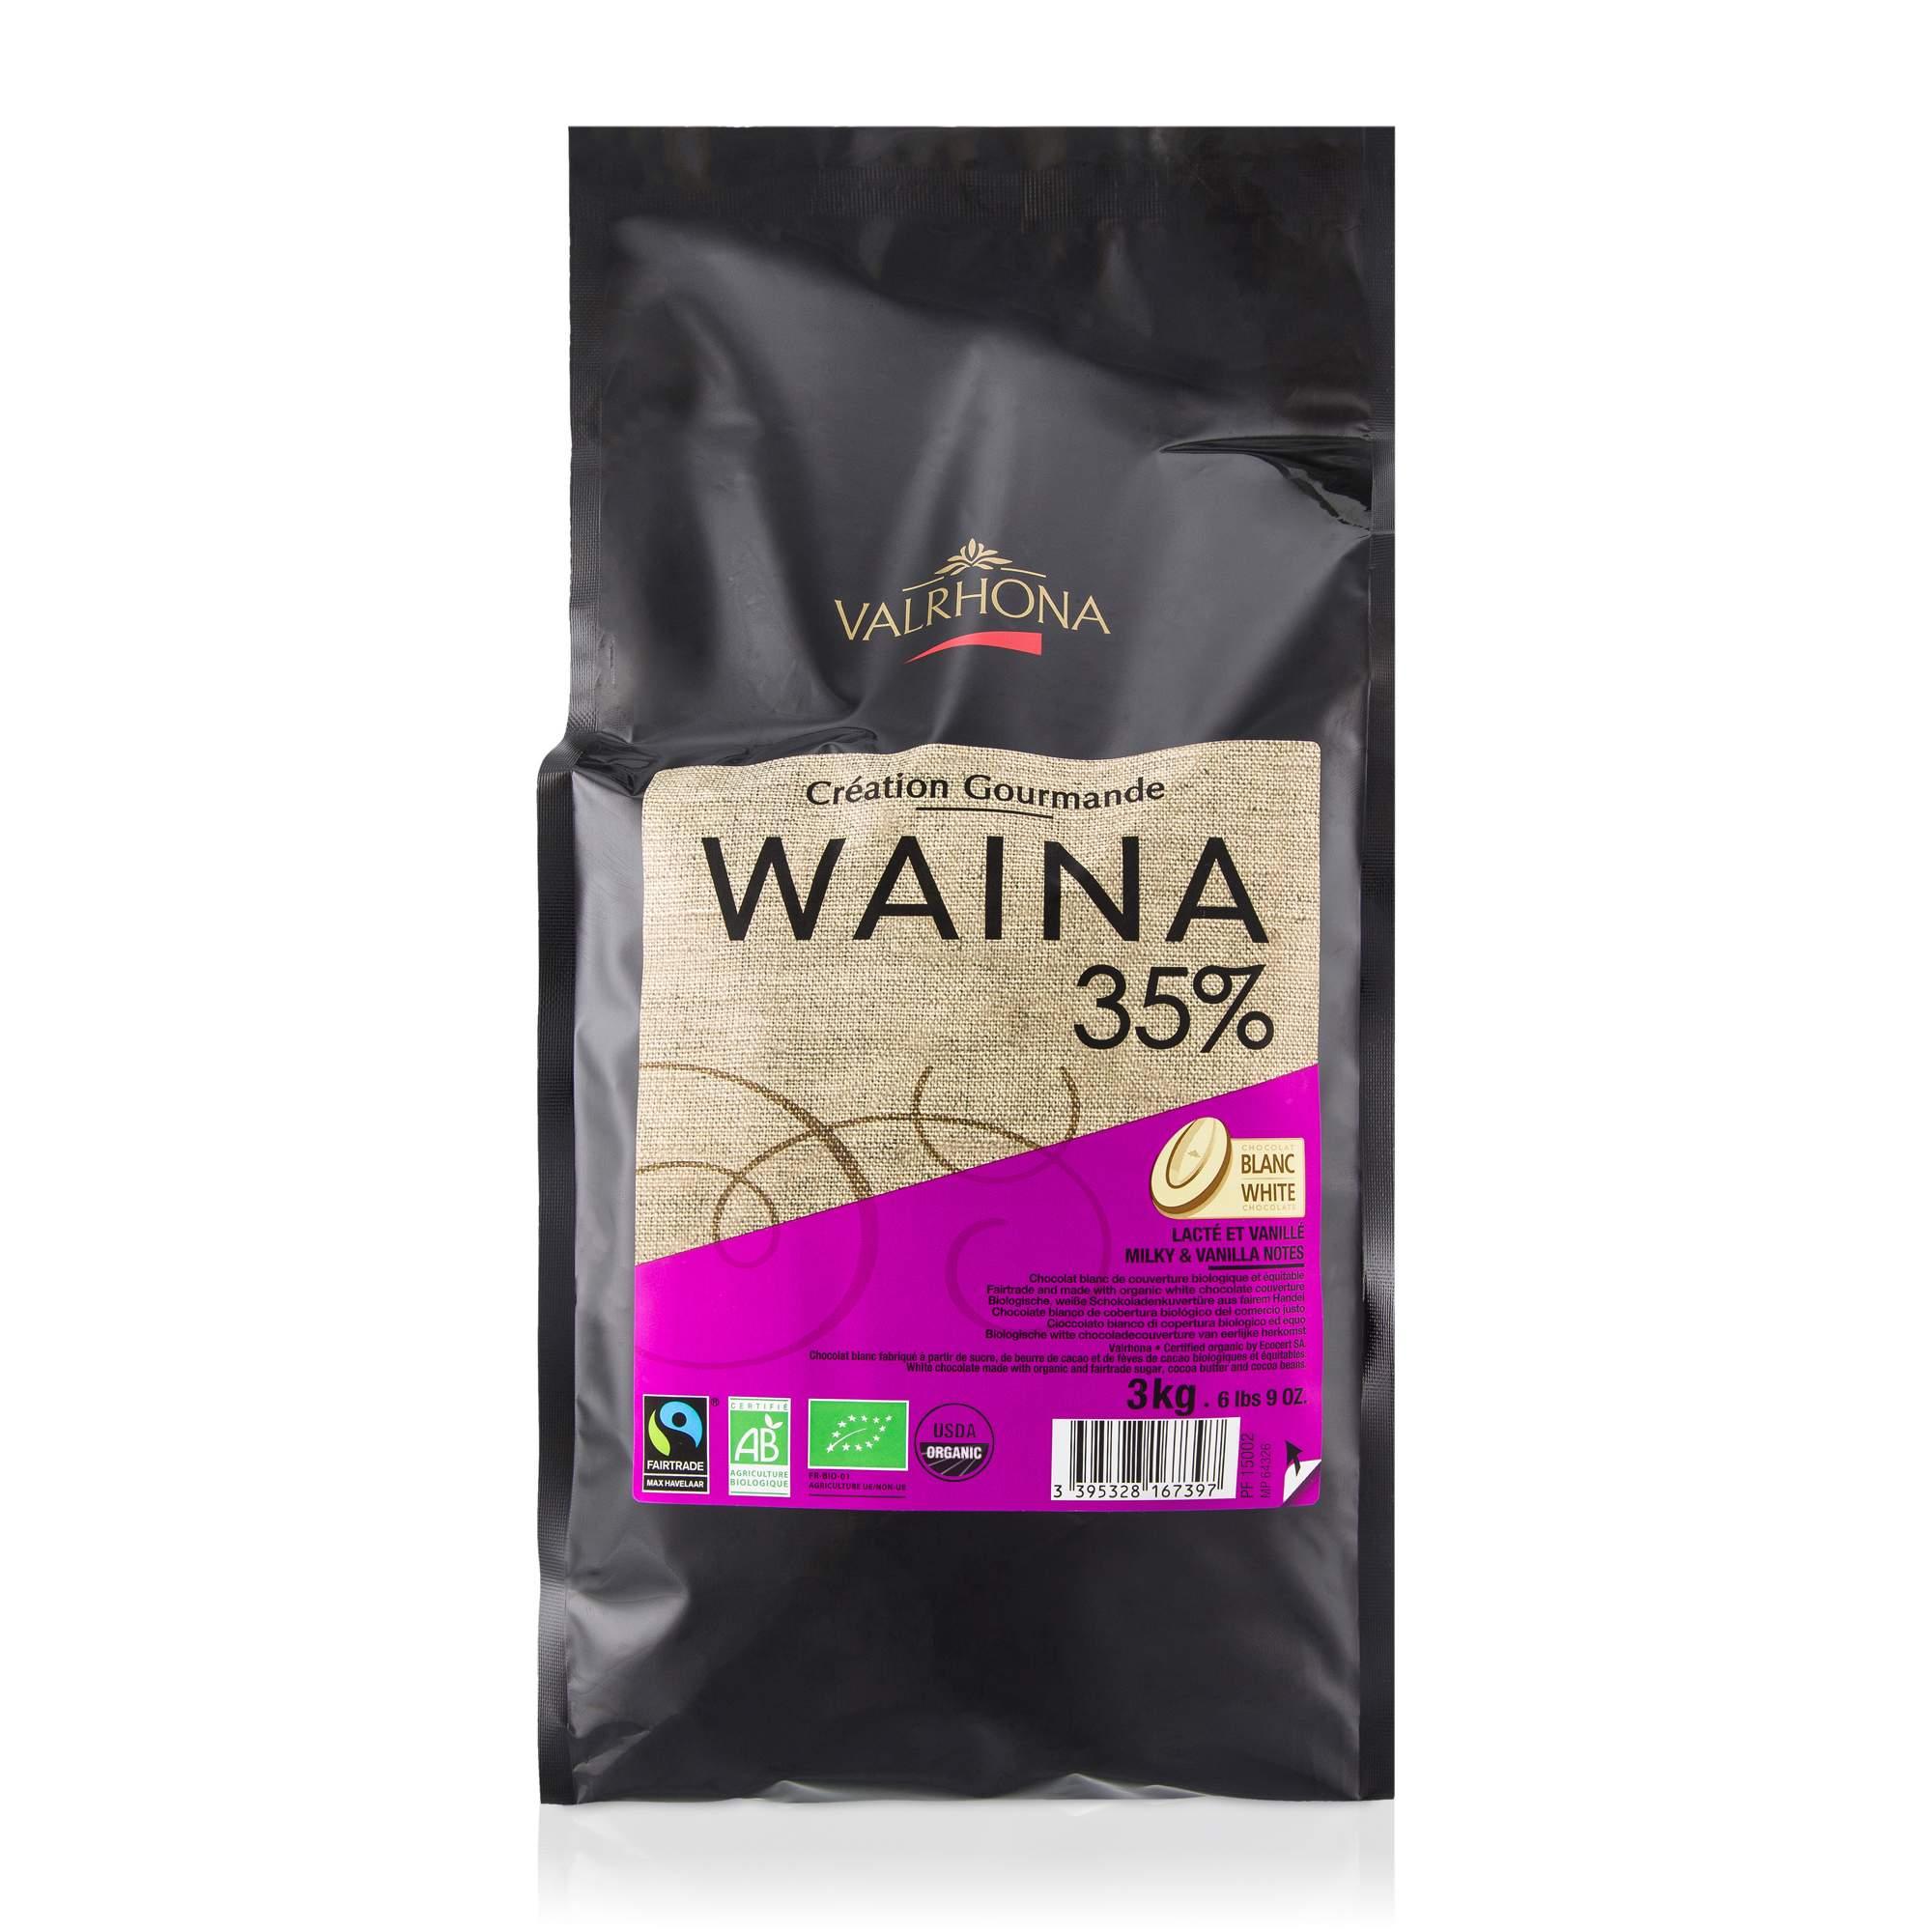 Waina 35pct 3kg